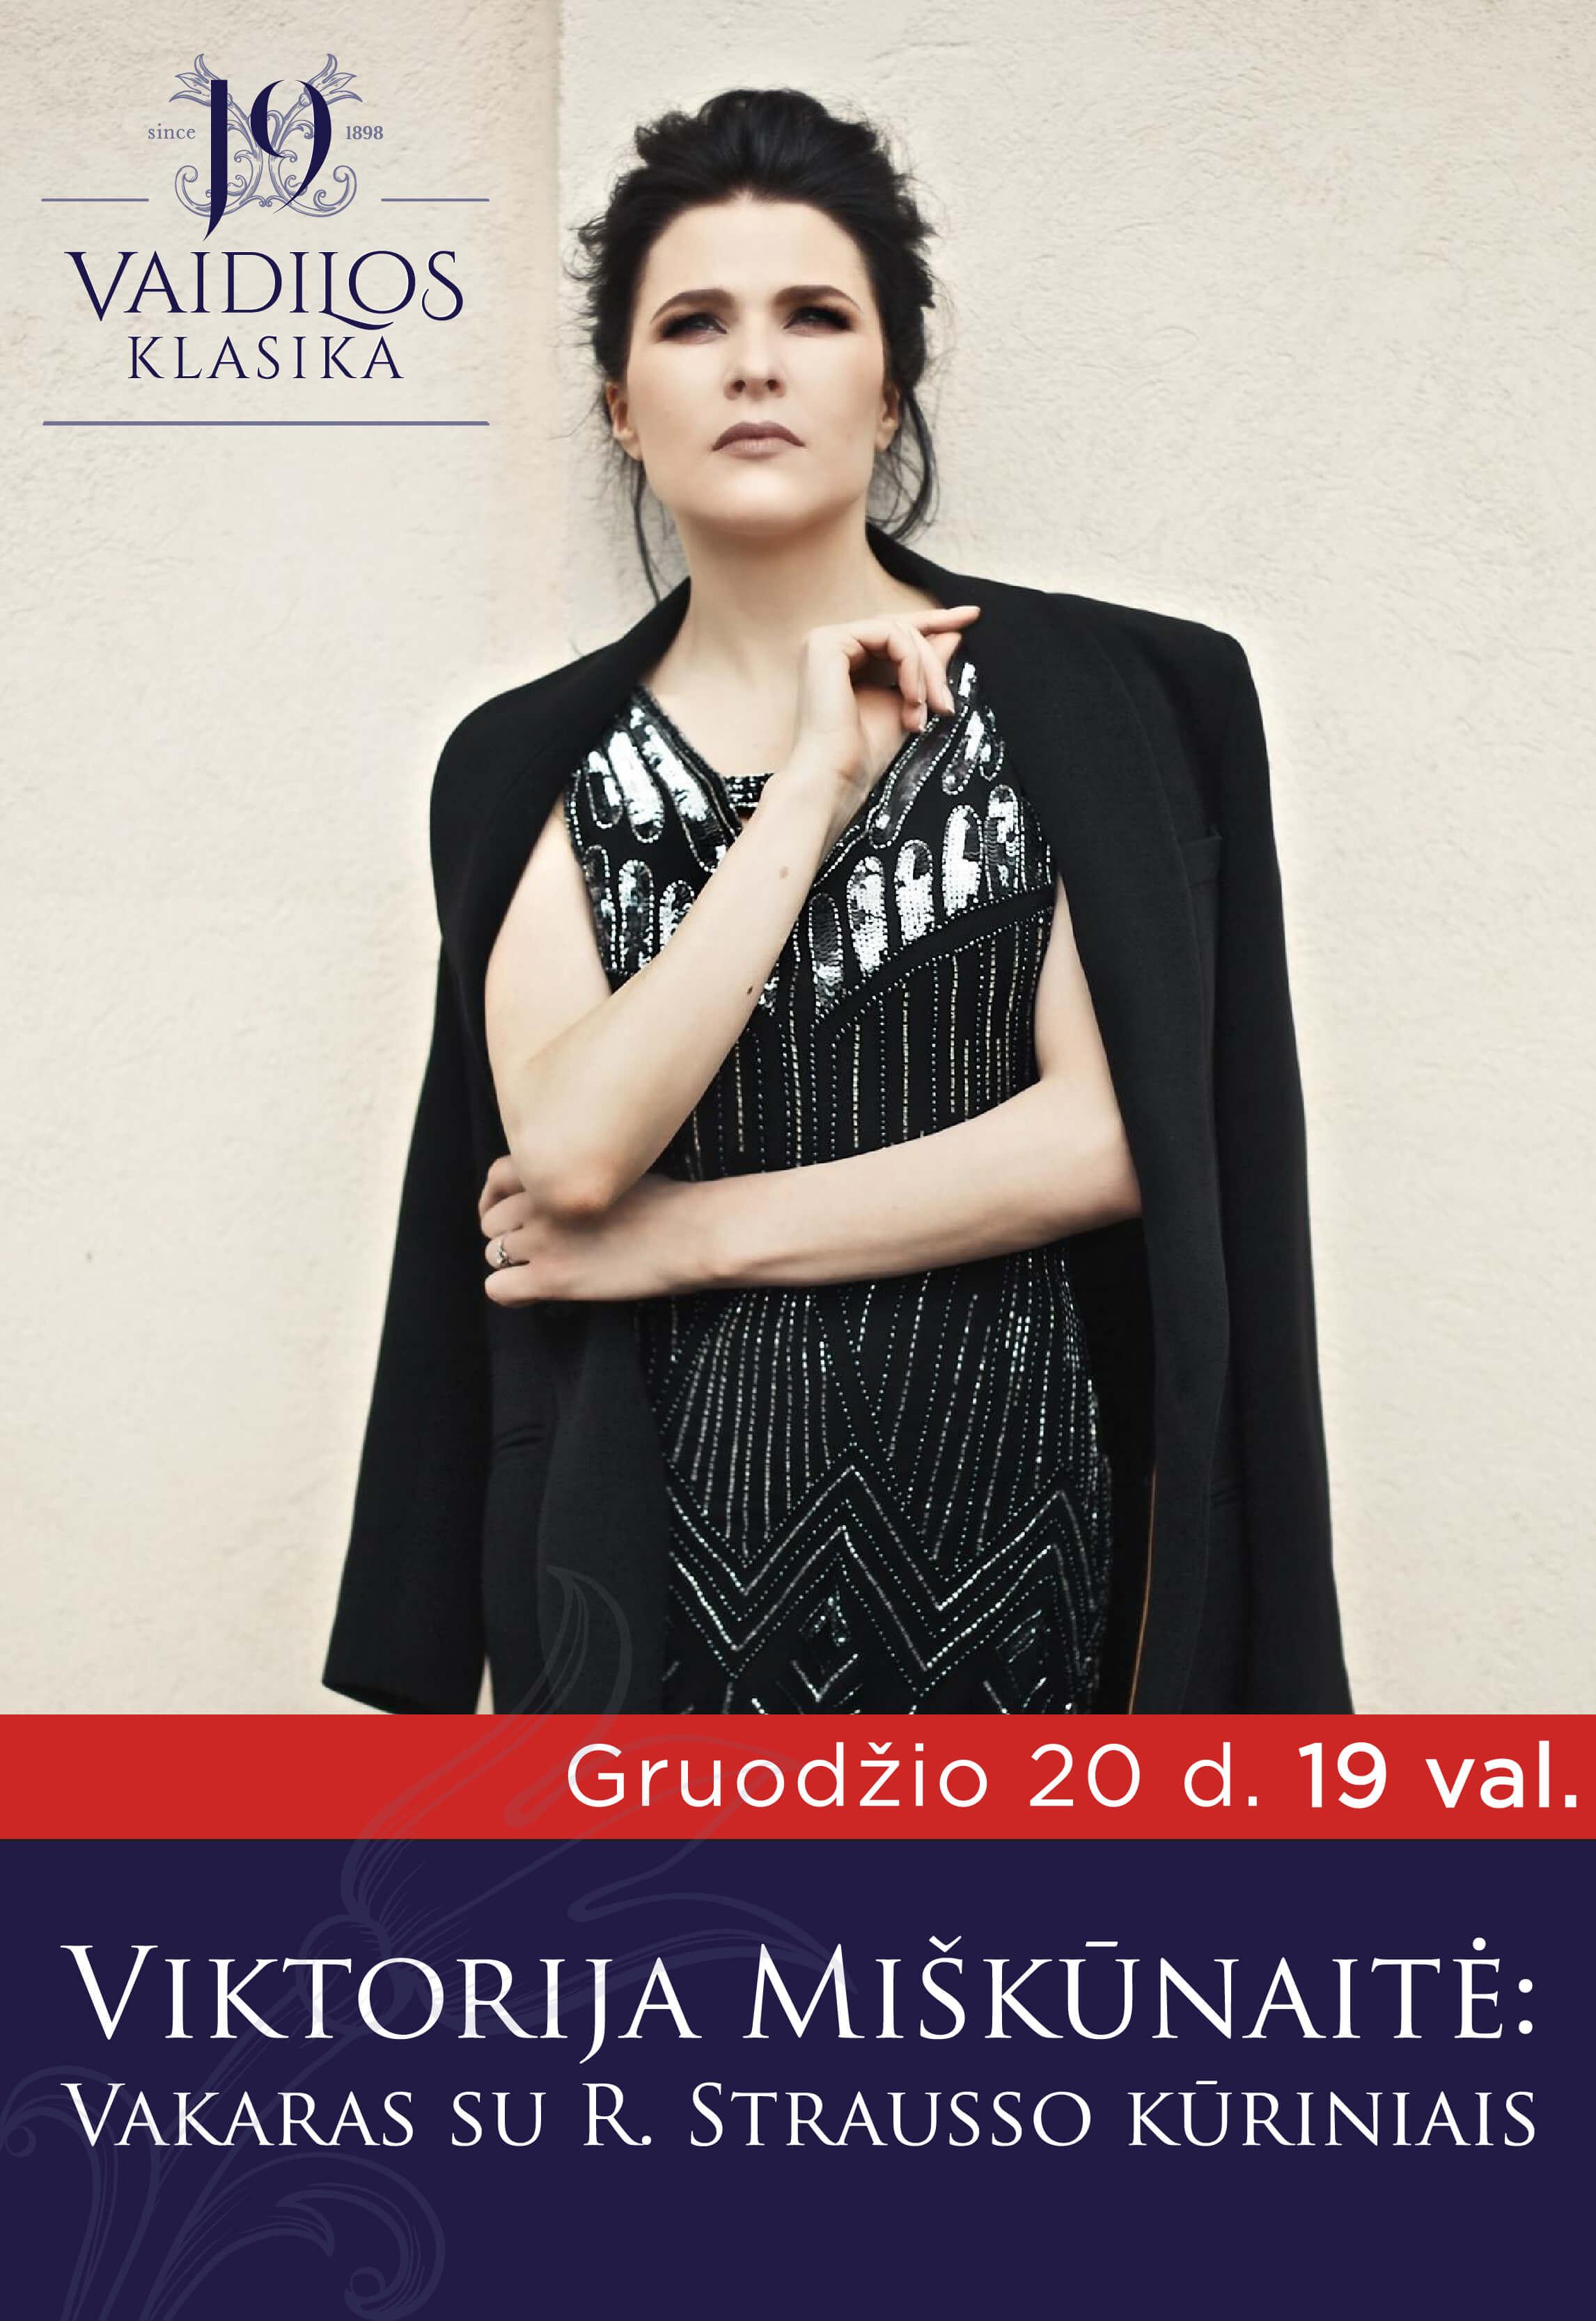 Operos solistė Viktorija Miškūnaitė: vakaras su R. Strausso muzika